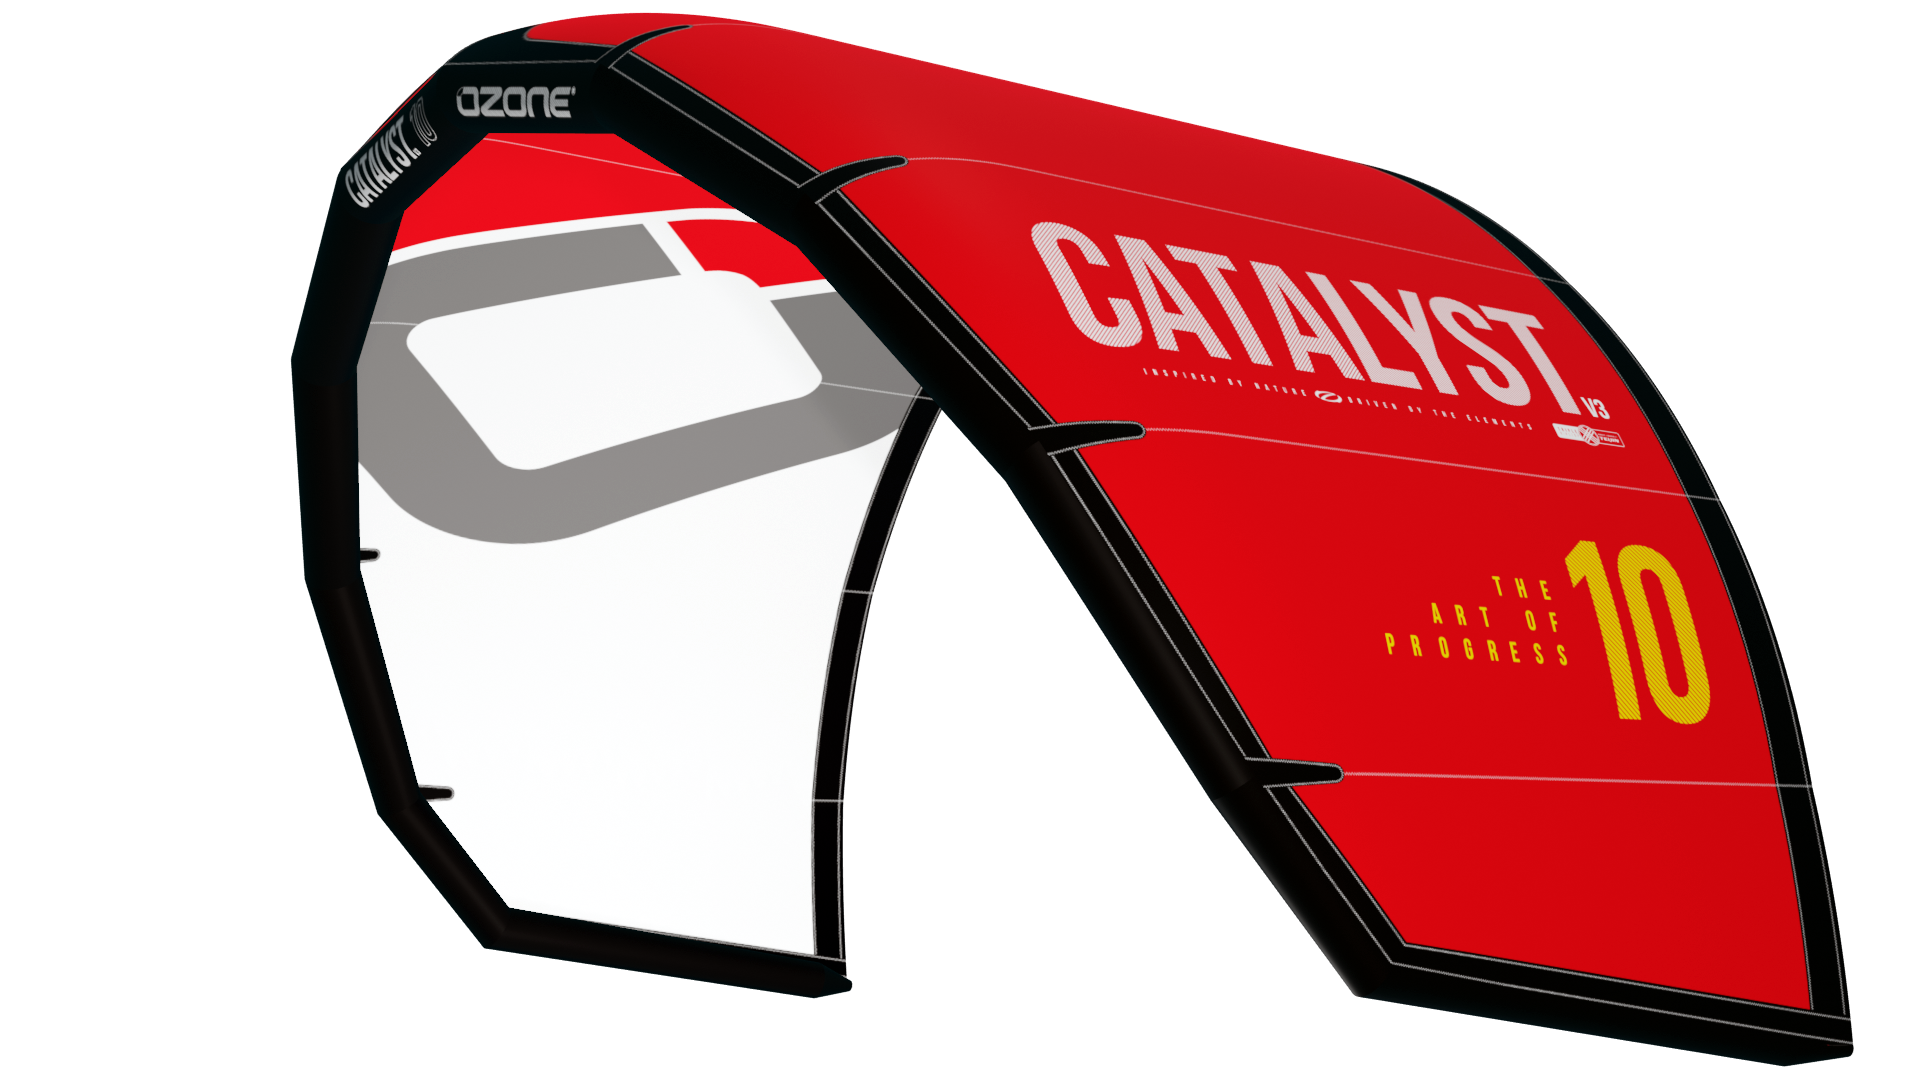 Ozone Catalyst V2 5m Kite